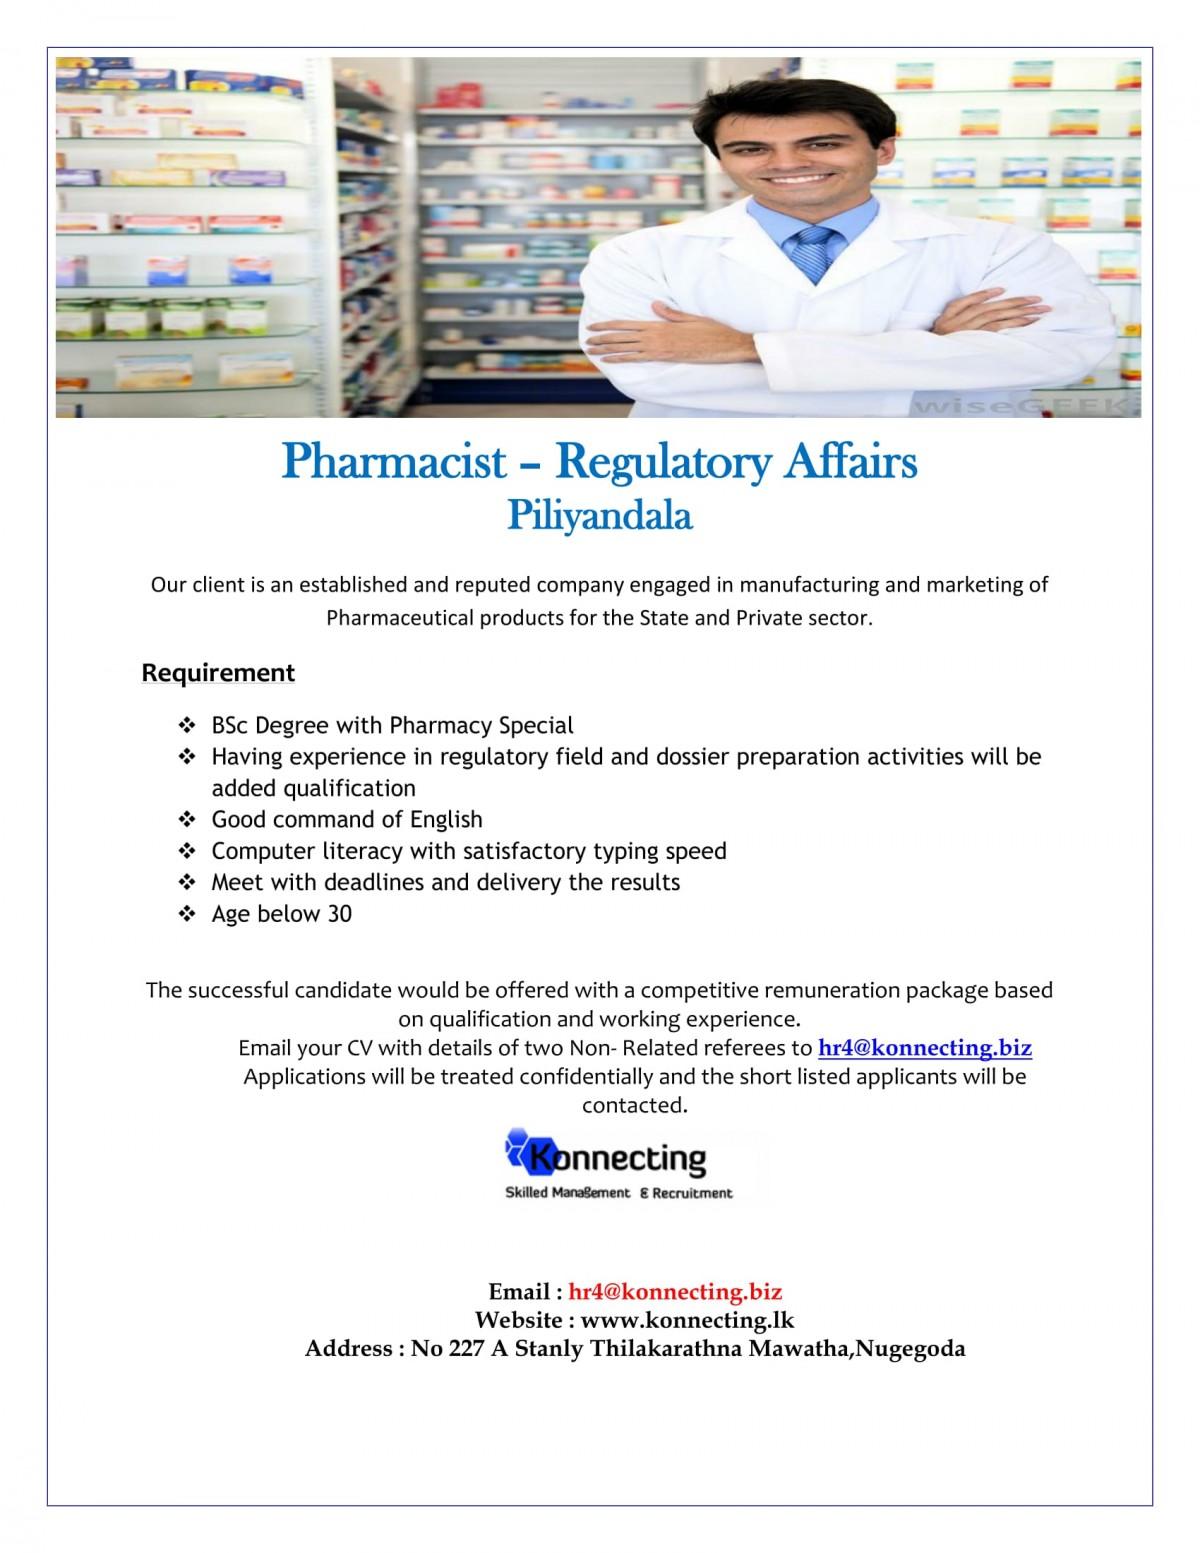 Pharmacist (Regulatory Affairs)